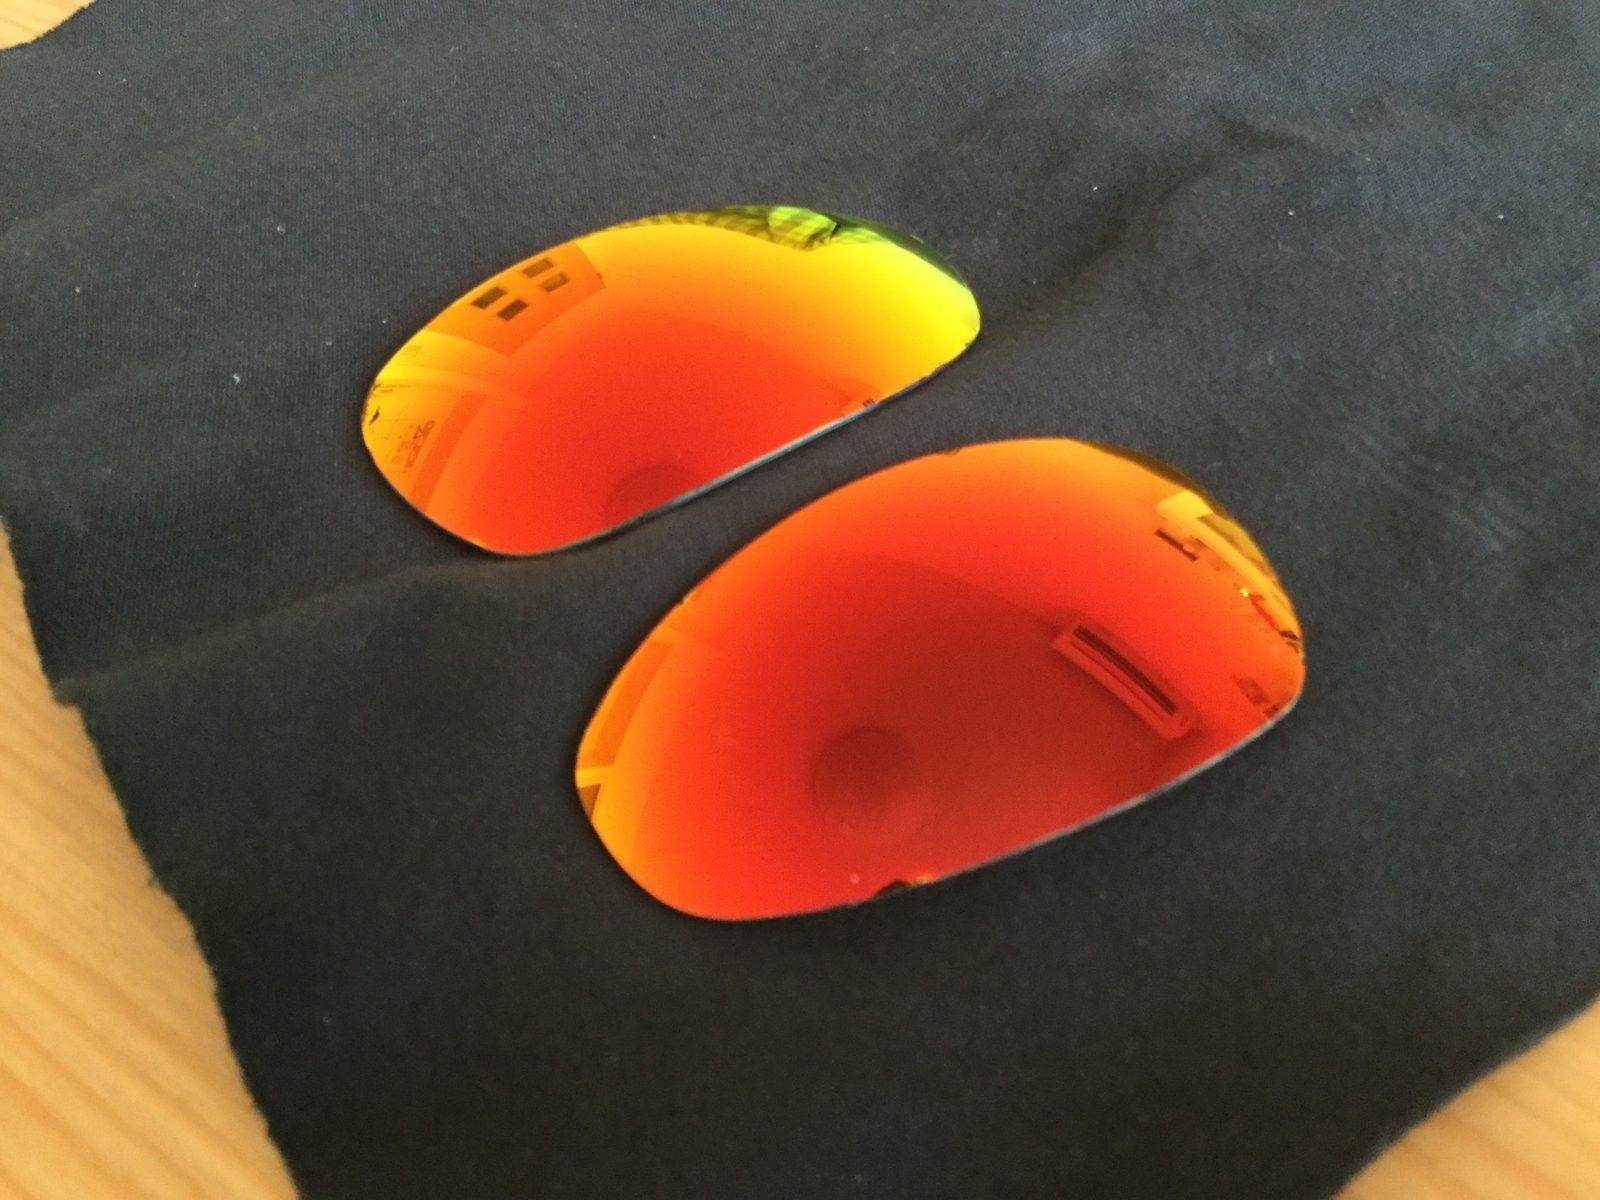 Juliet Fire Lens: First Gen Color - IMG_3822.JPG